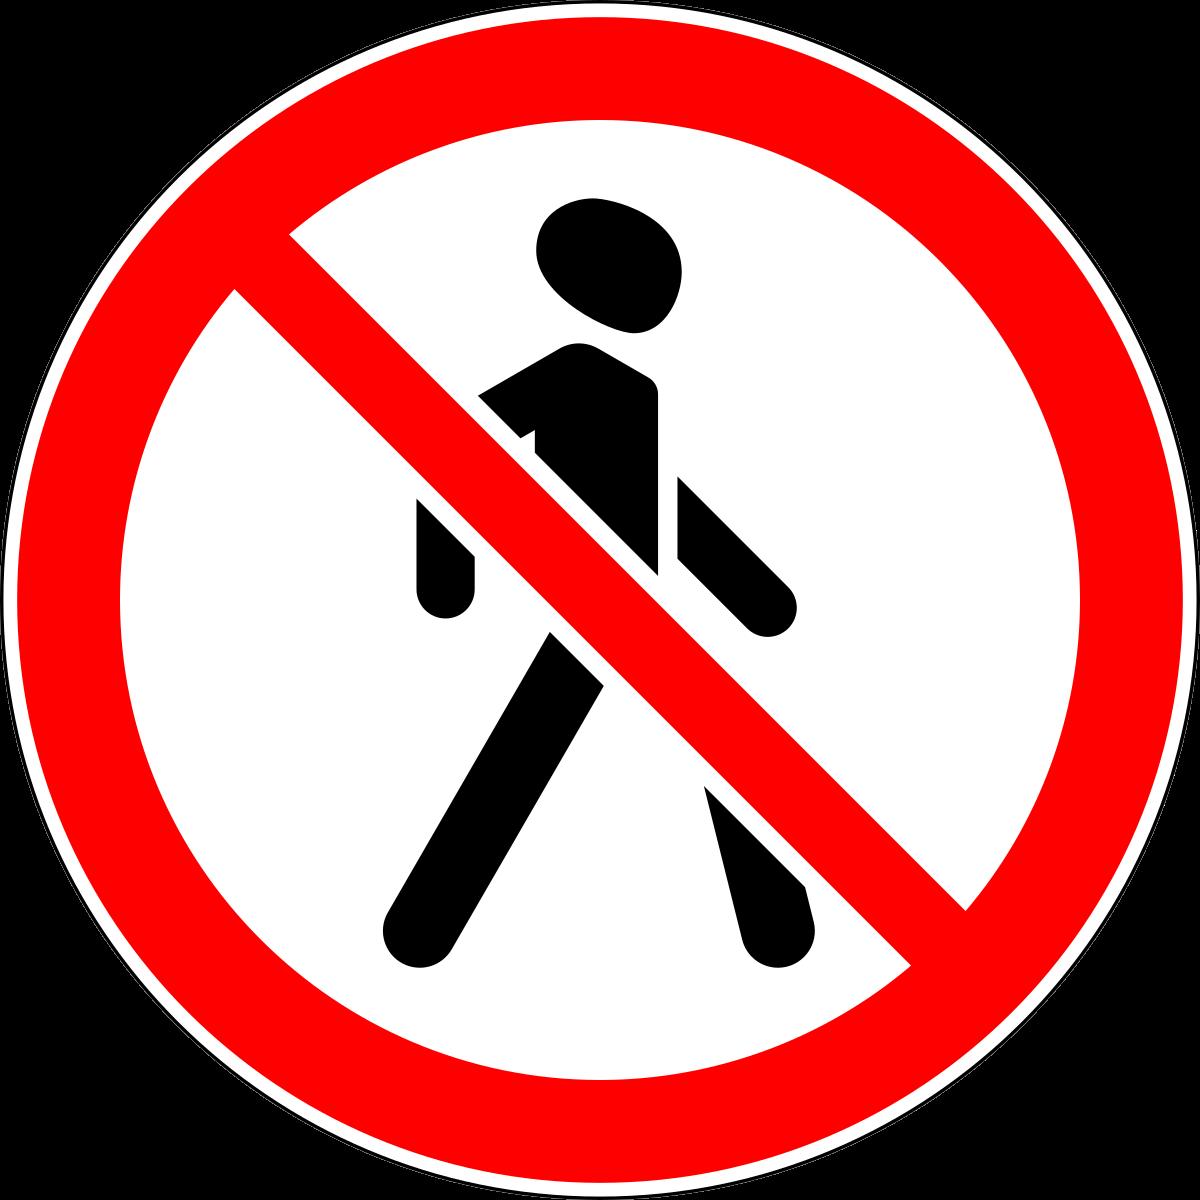 Знак 3.10 Движение пешеходов запрещено